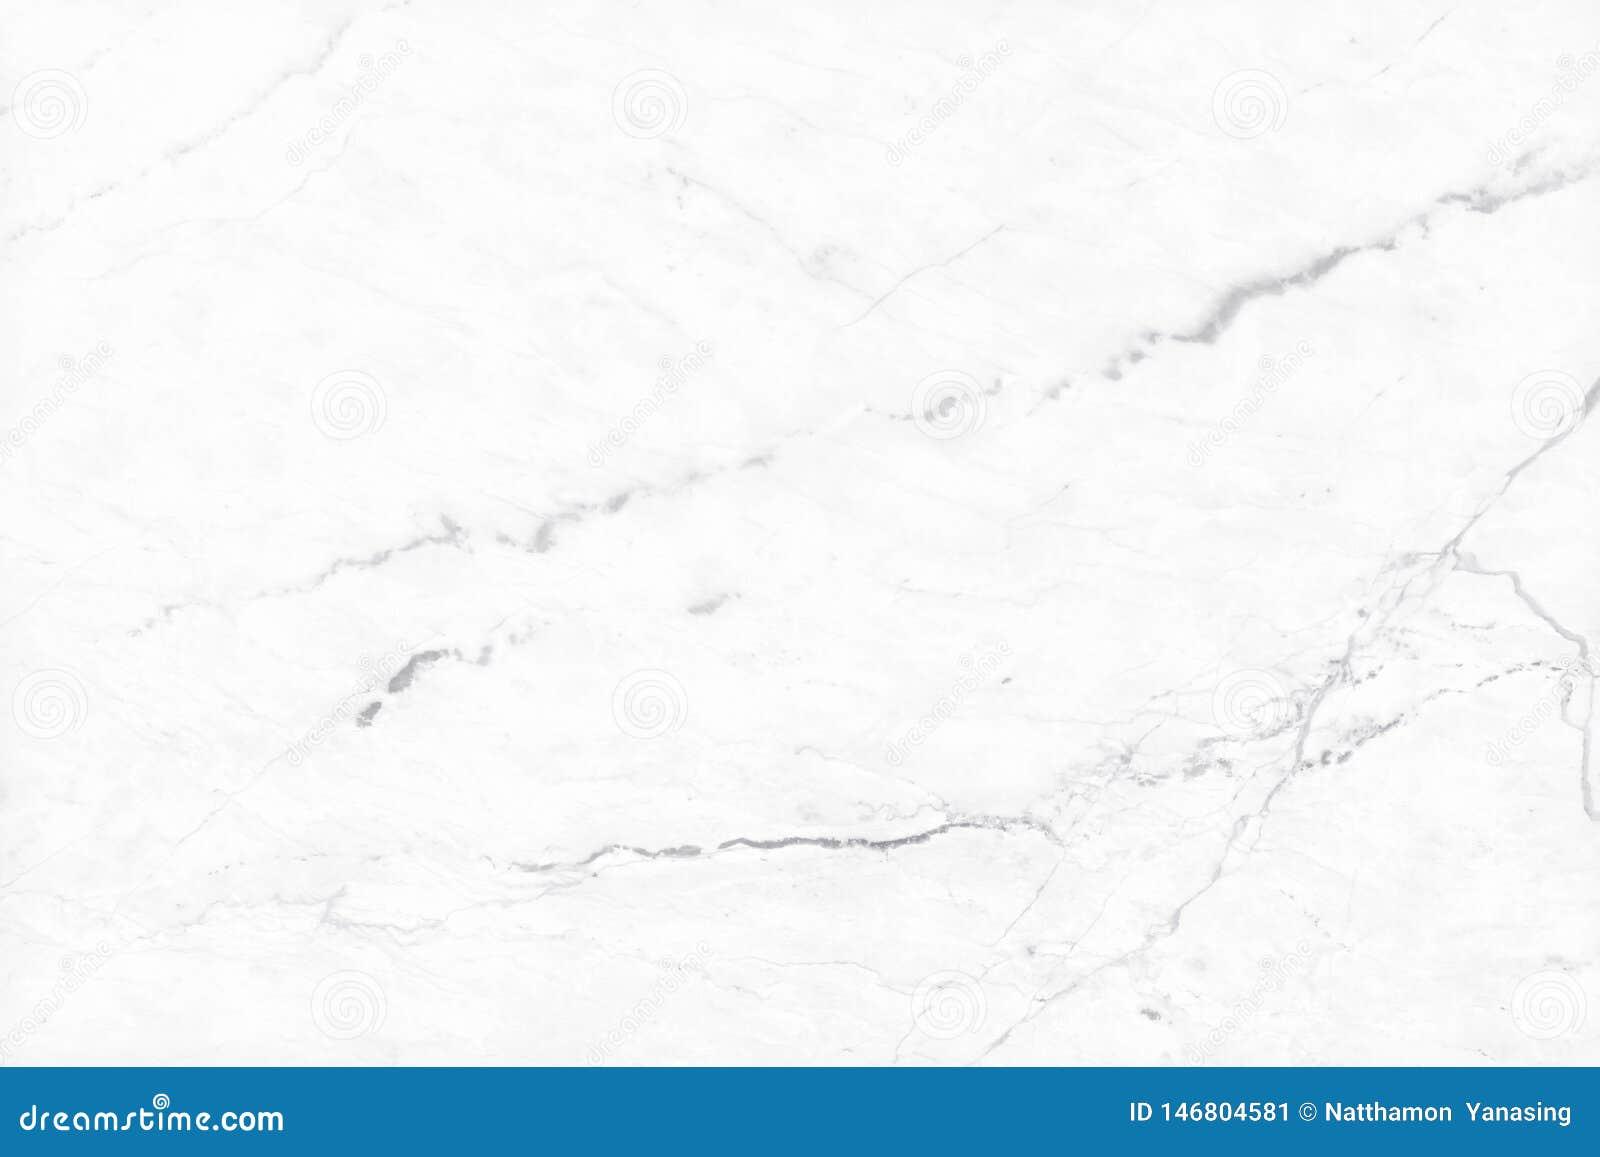 Vit grå marmortextur med hög upplösning, lyxigt sömlöst av stenbakgrund i den naturliga modellen för designtegelplattahud